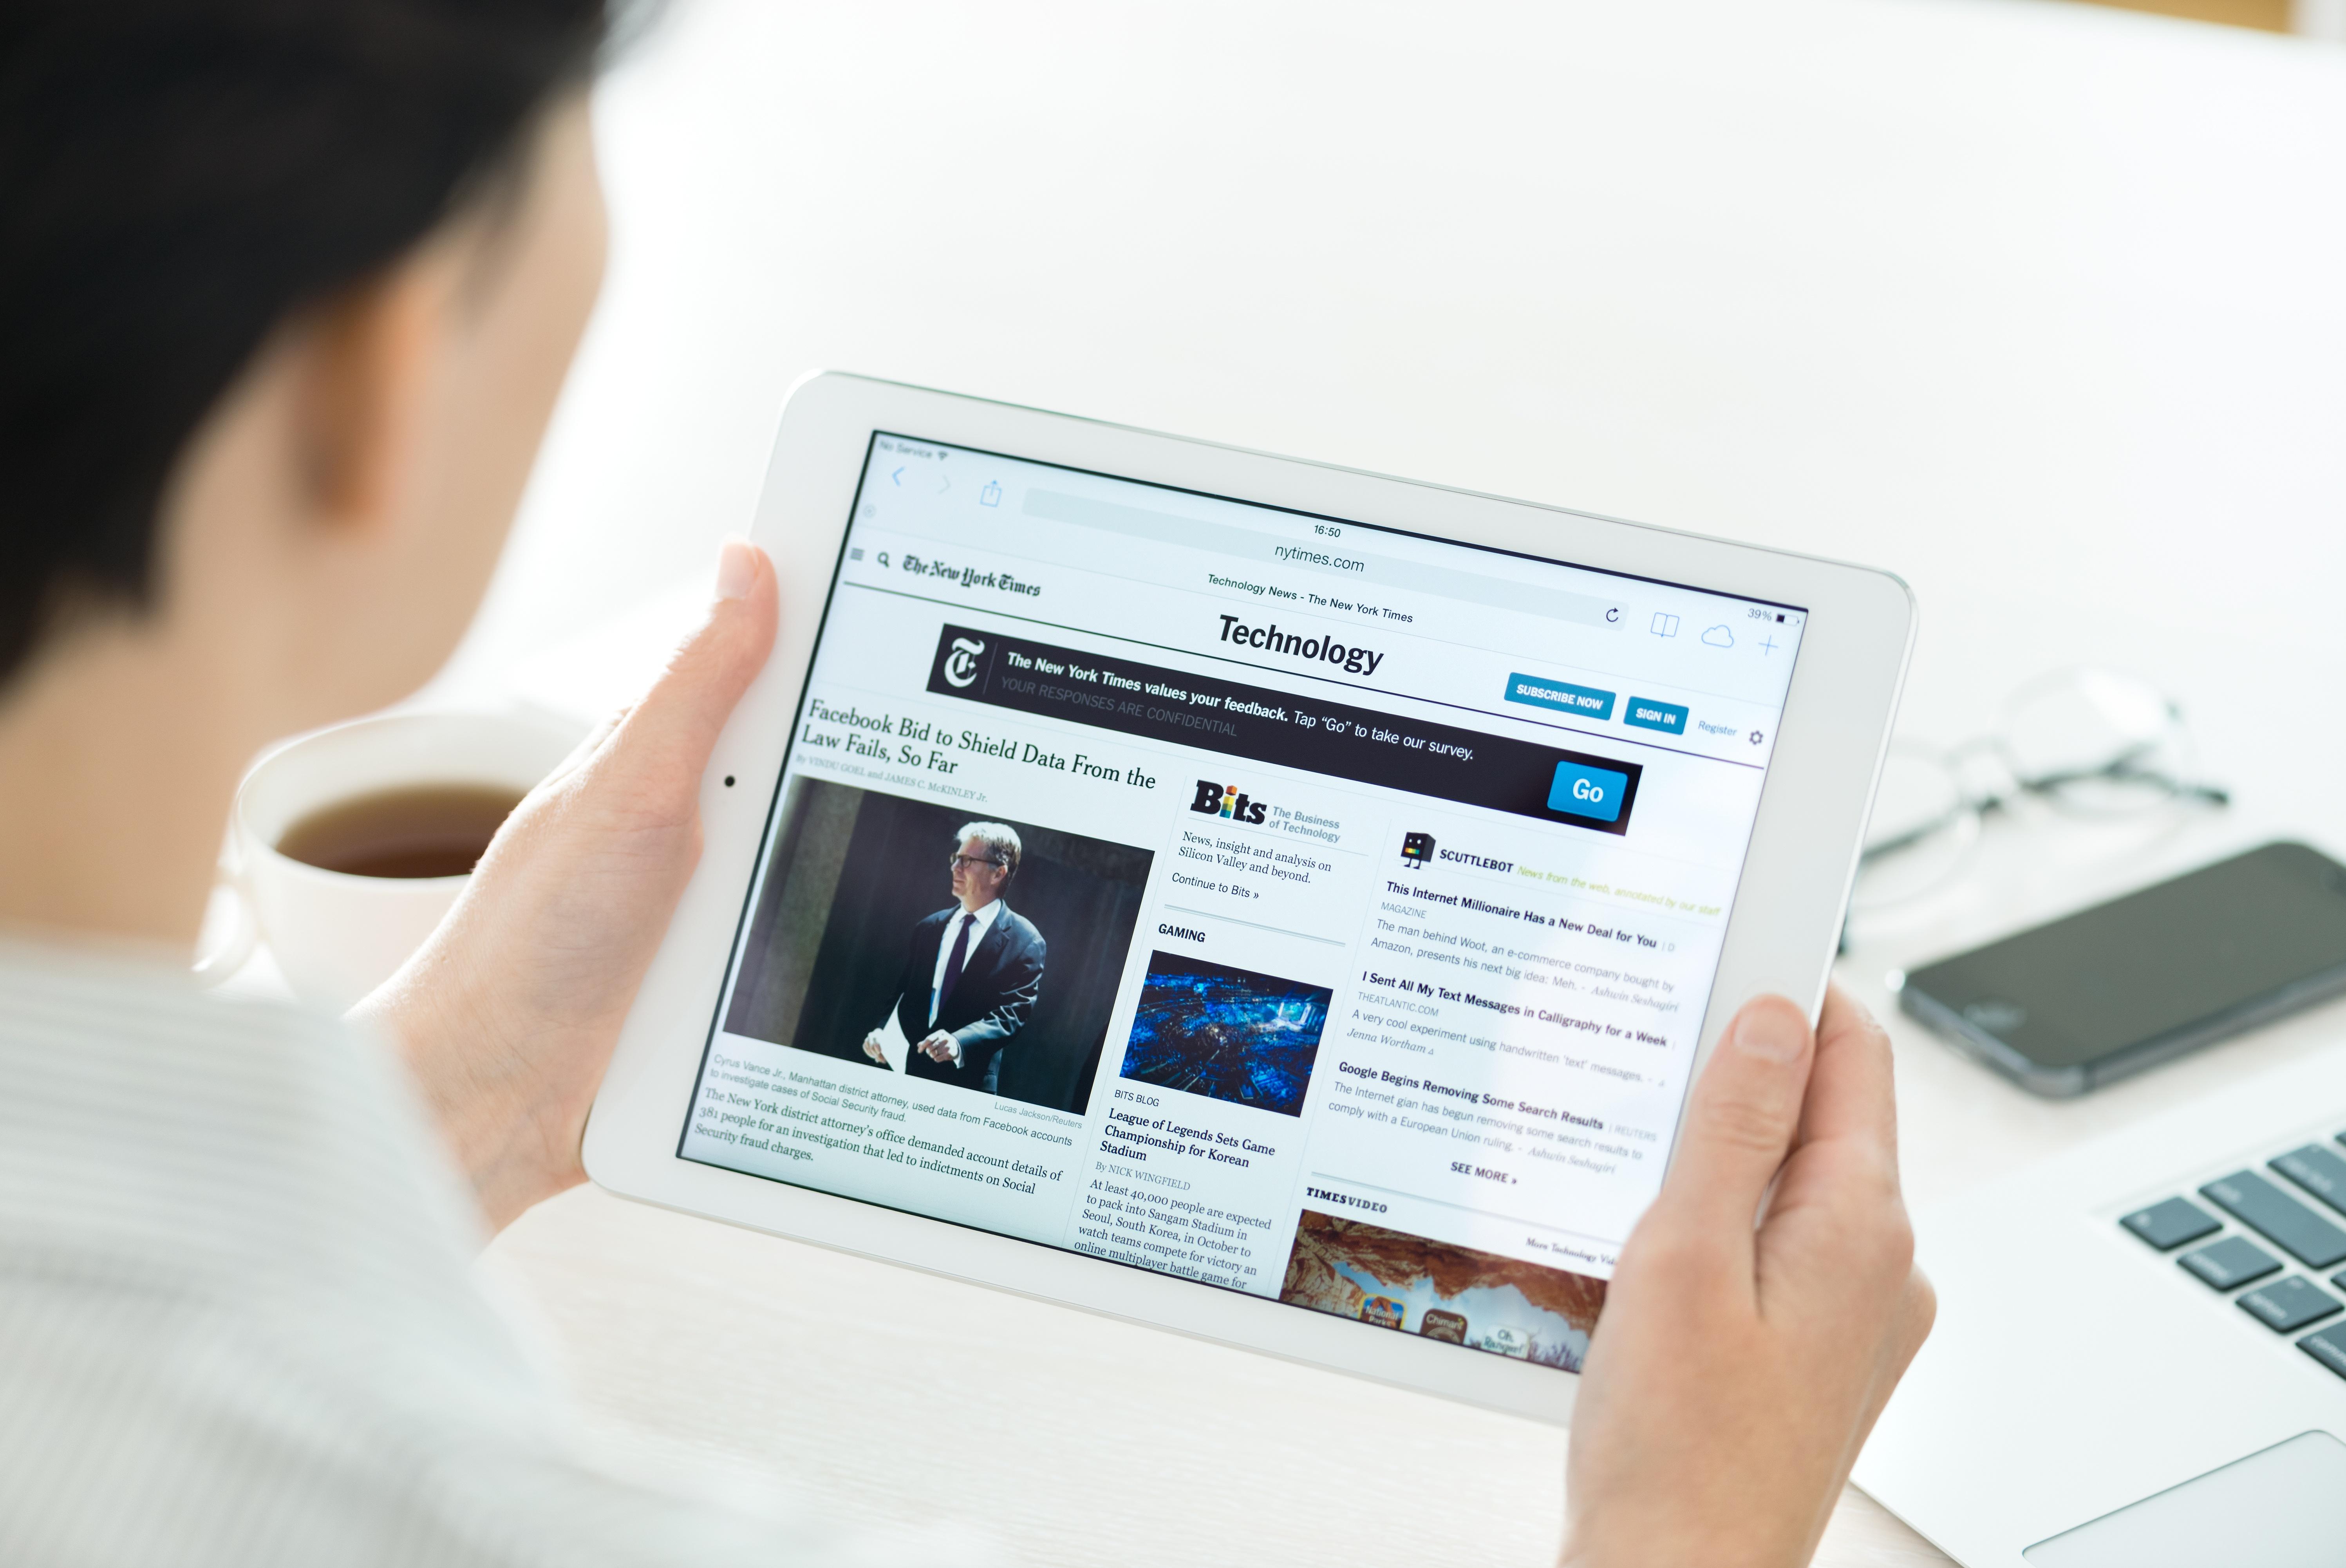 Cosa leggere online per migliorare la padronanza dell'inglese? - Wall Street English